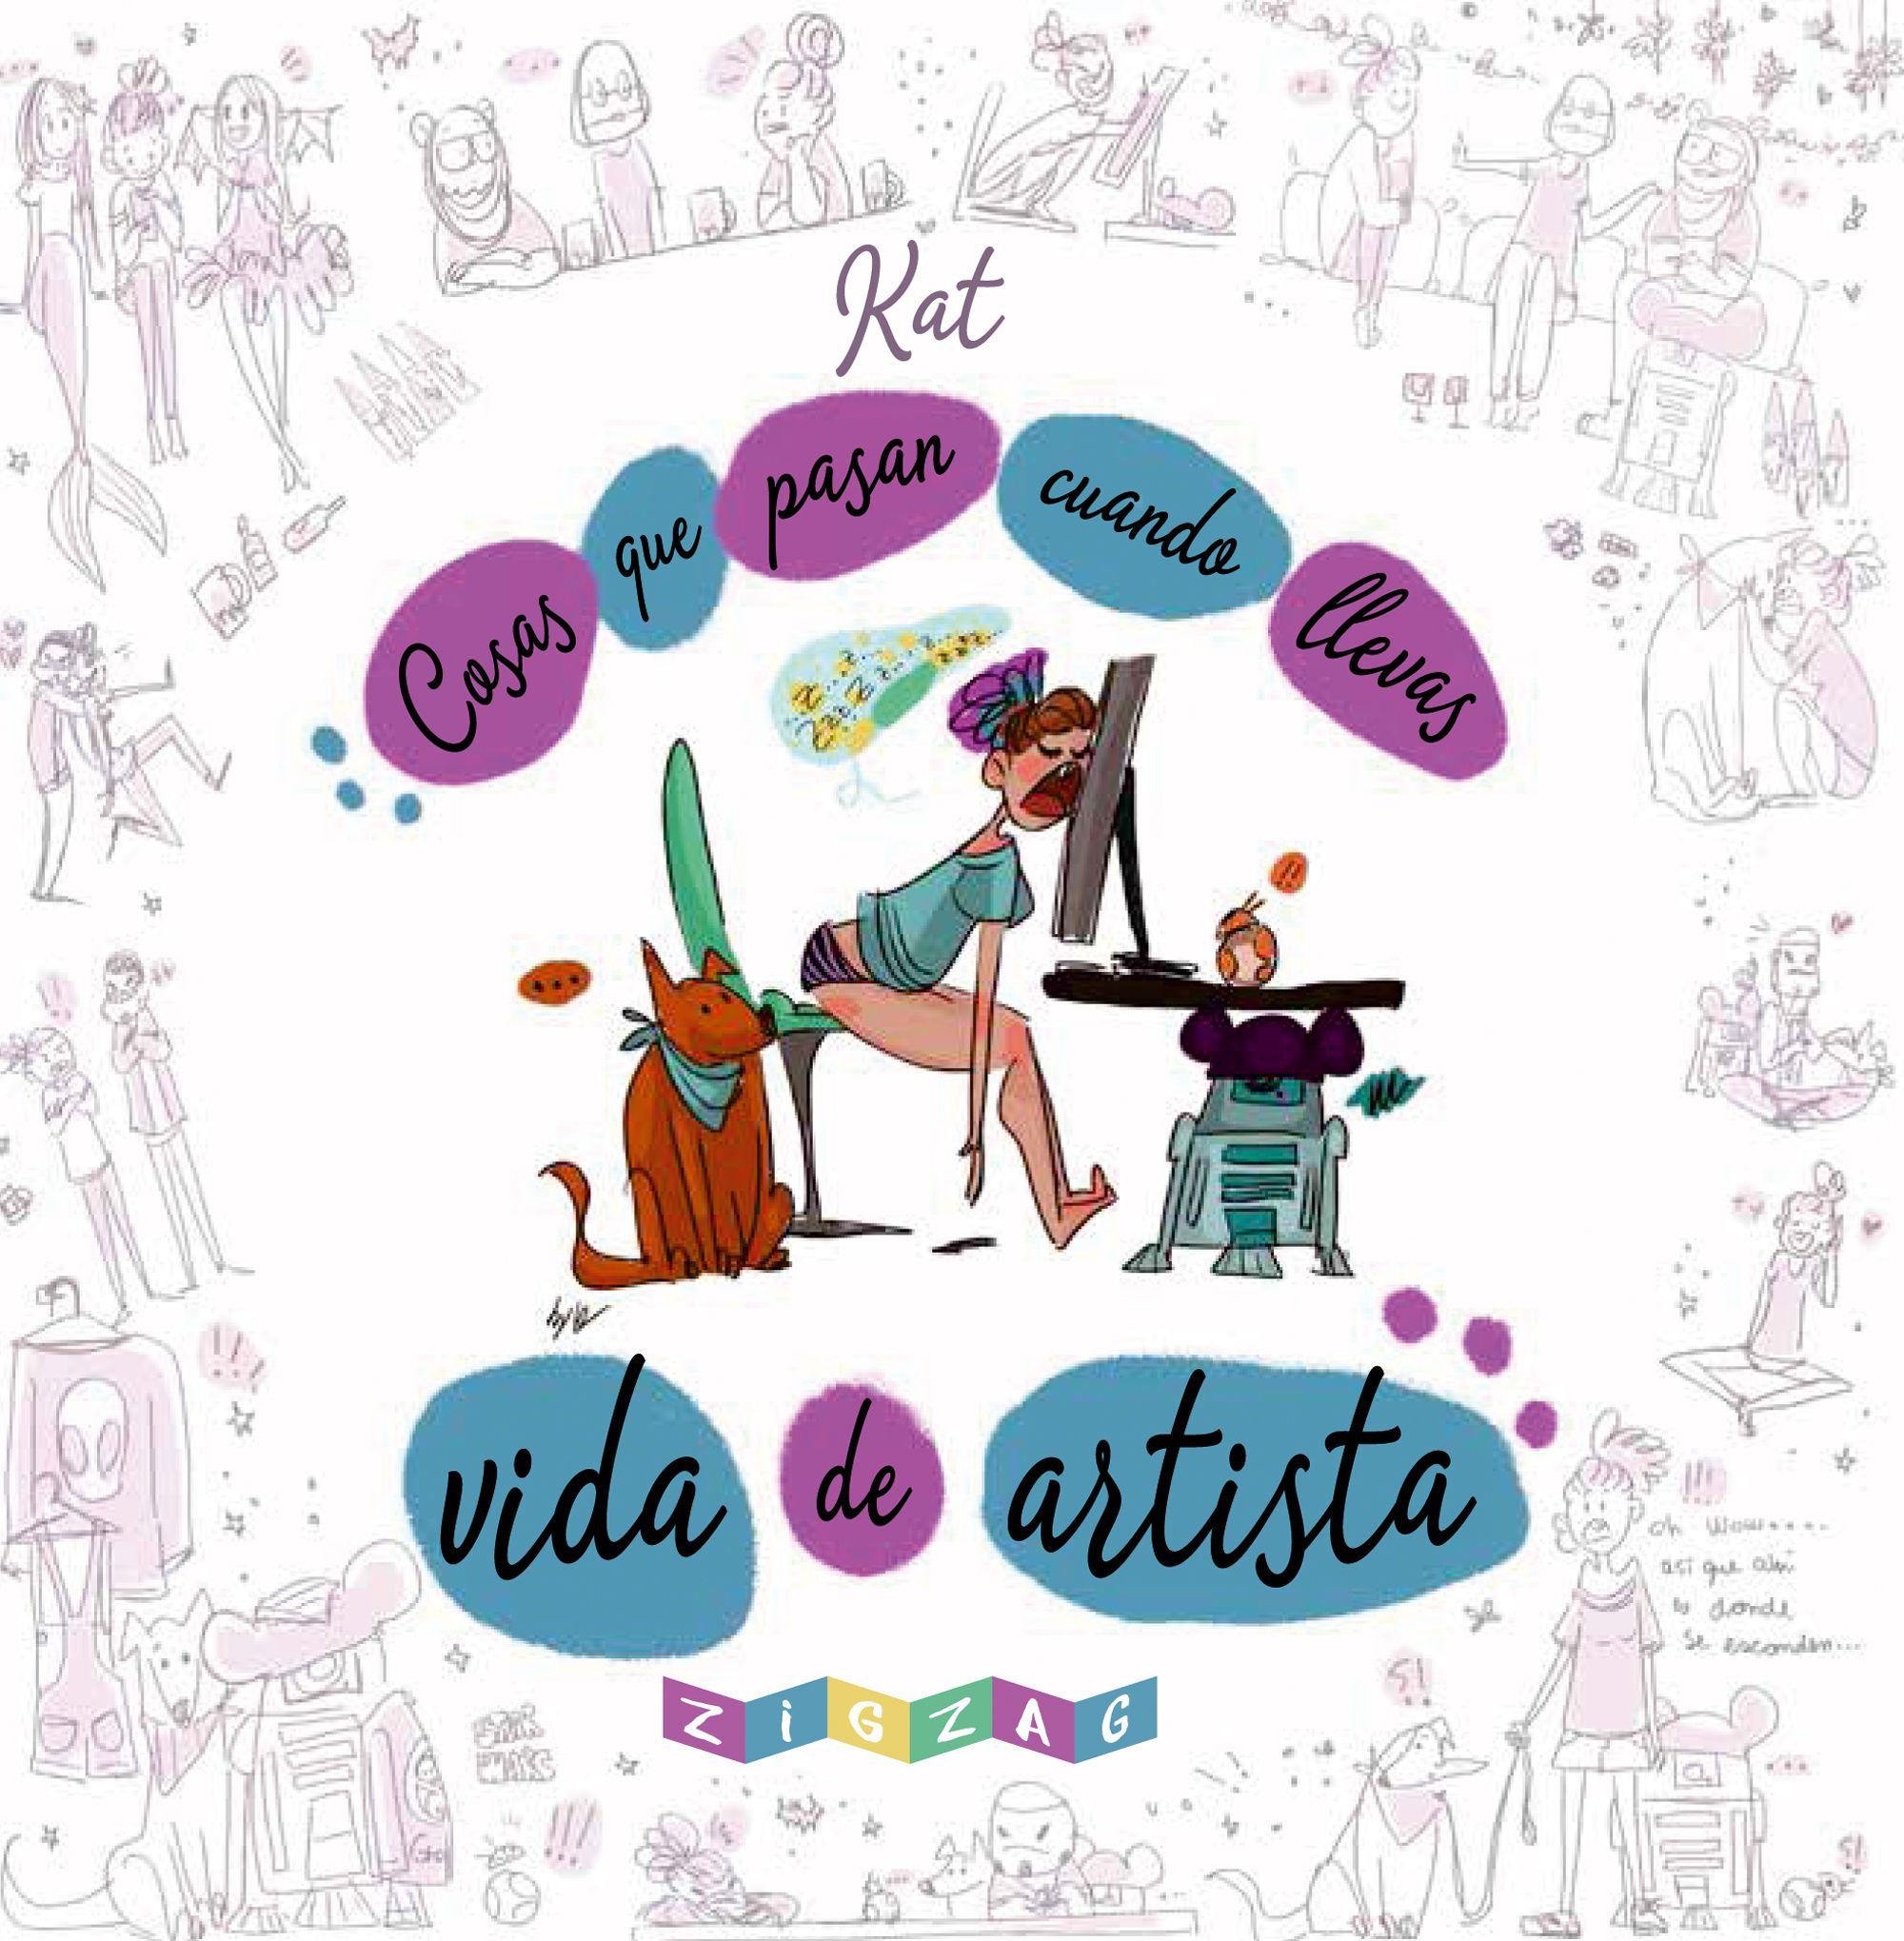 Planeta (Spain) - Author- 2018